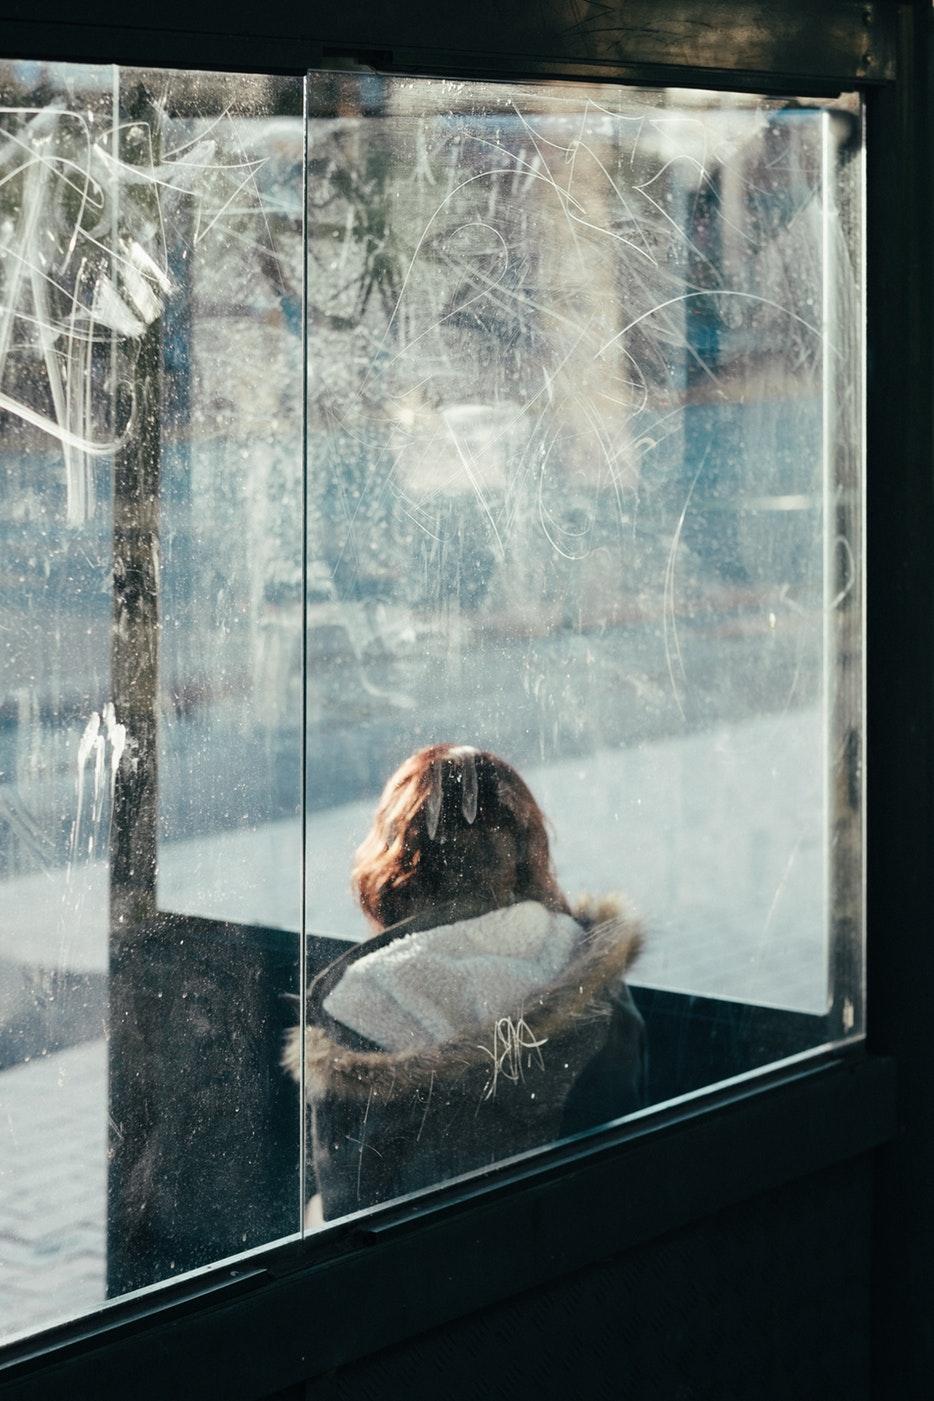 'The Bus Stop of Innumerable Displeasures'- By PiriEddy